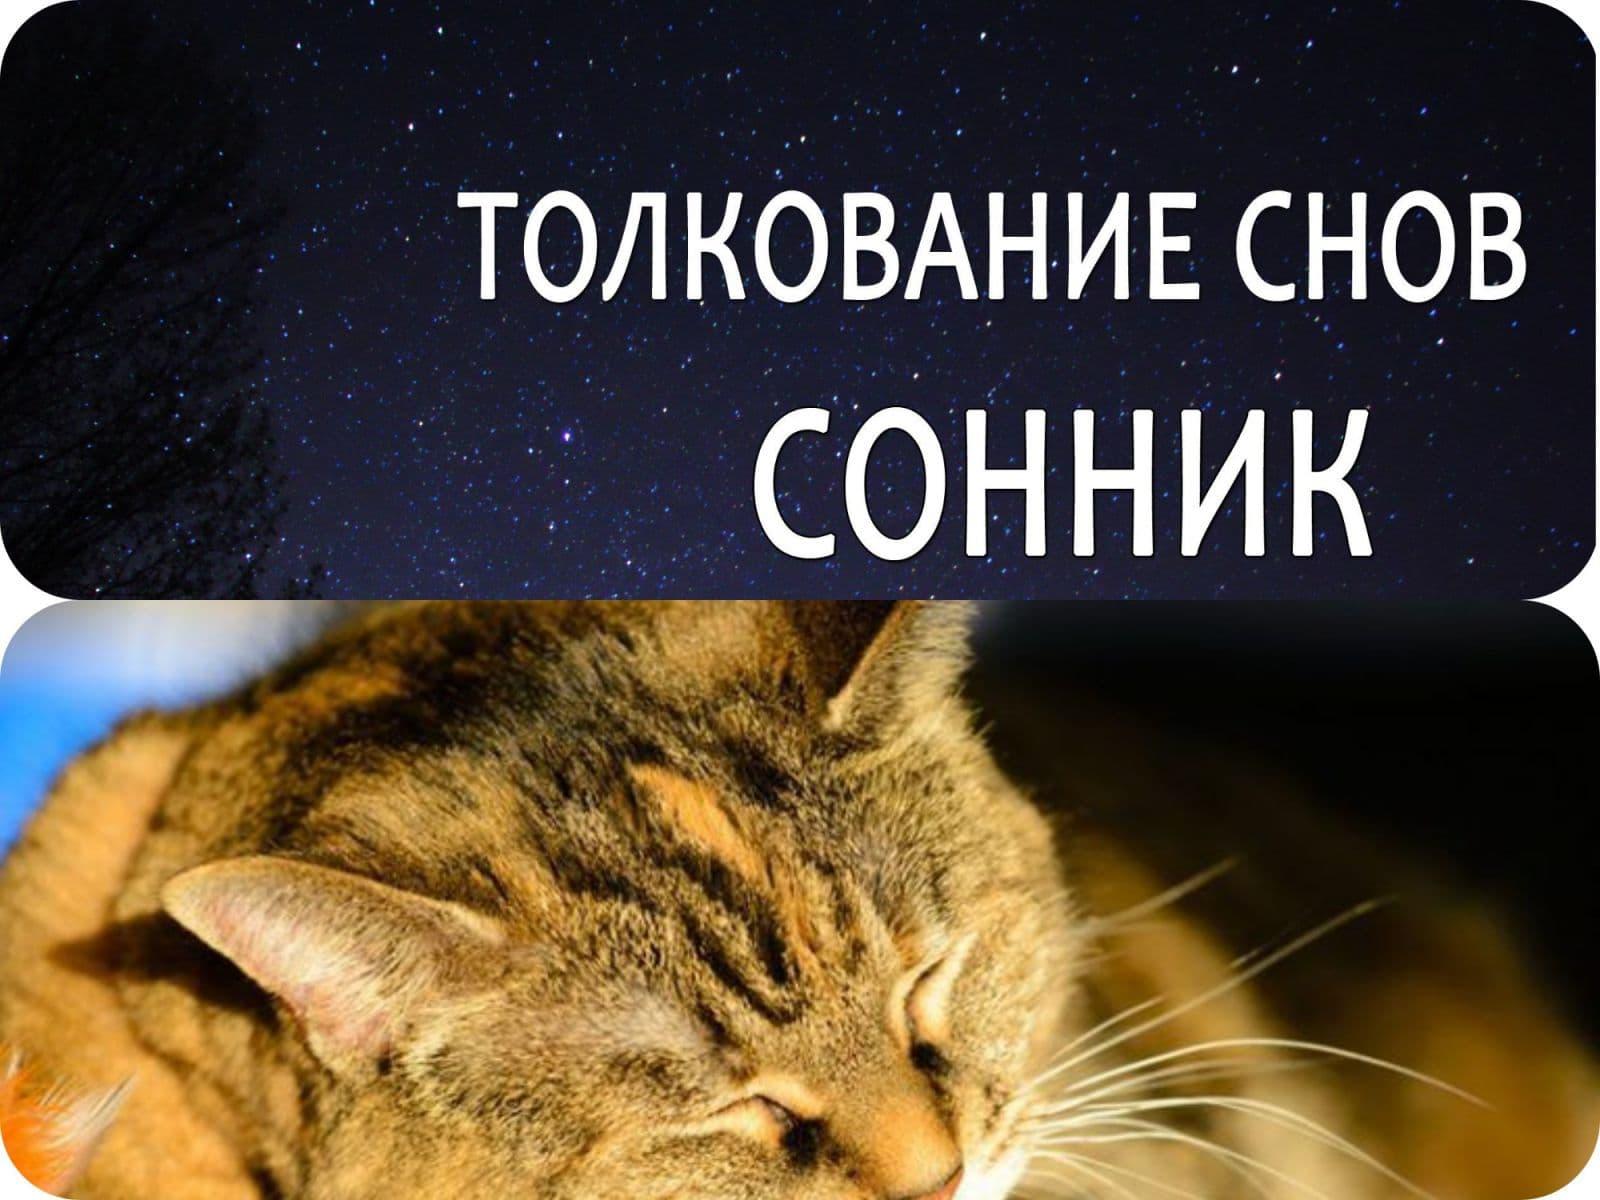 До чого сниться мертва кішка трактування.